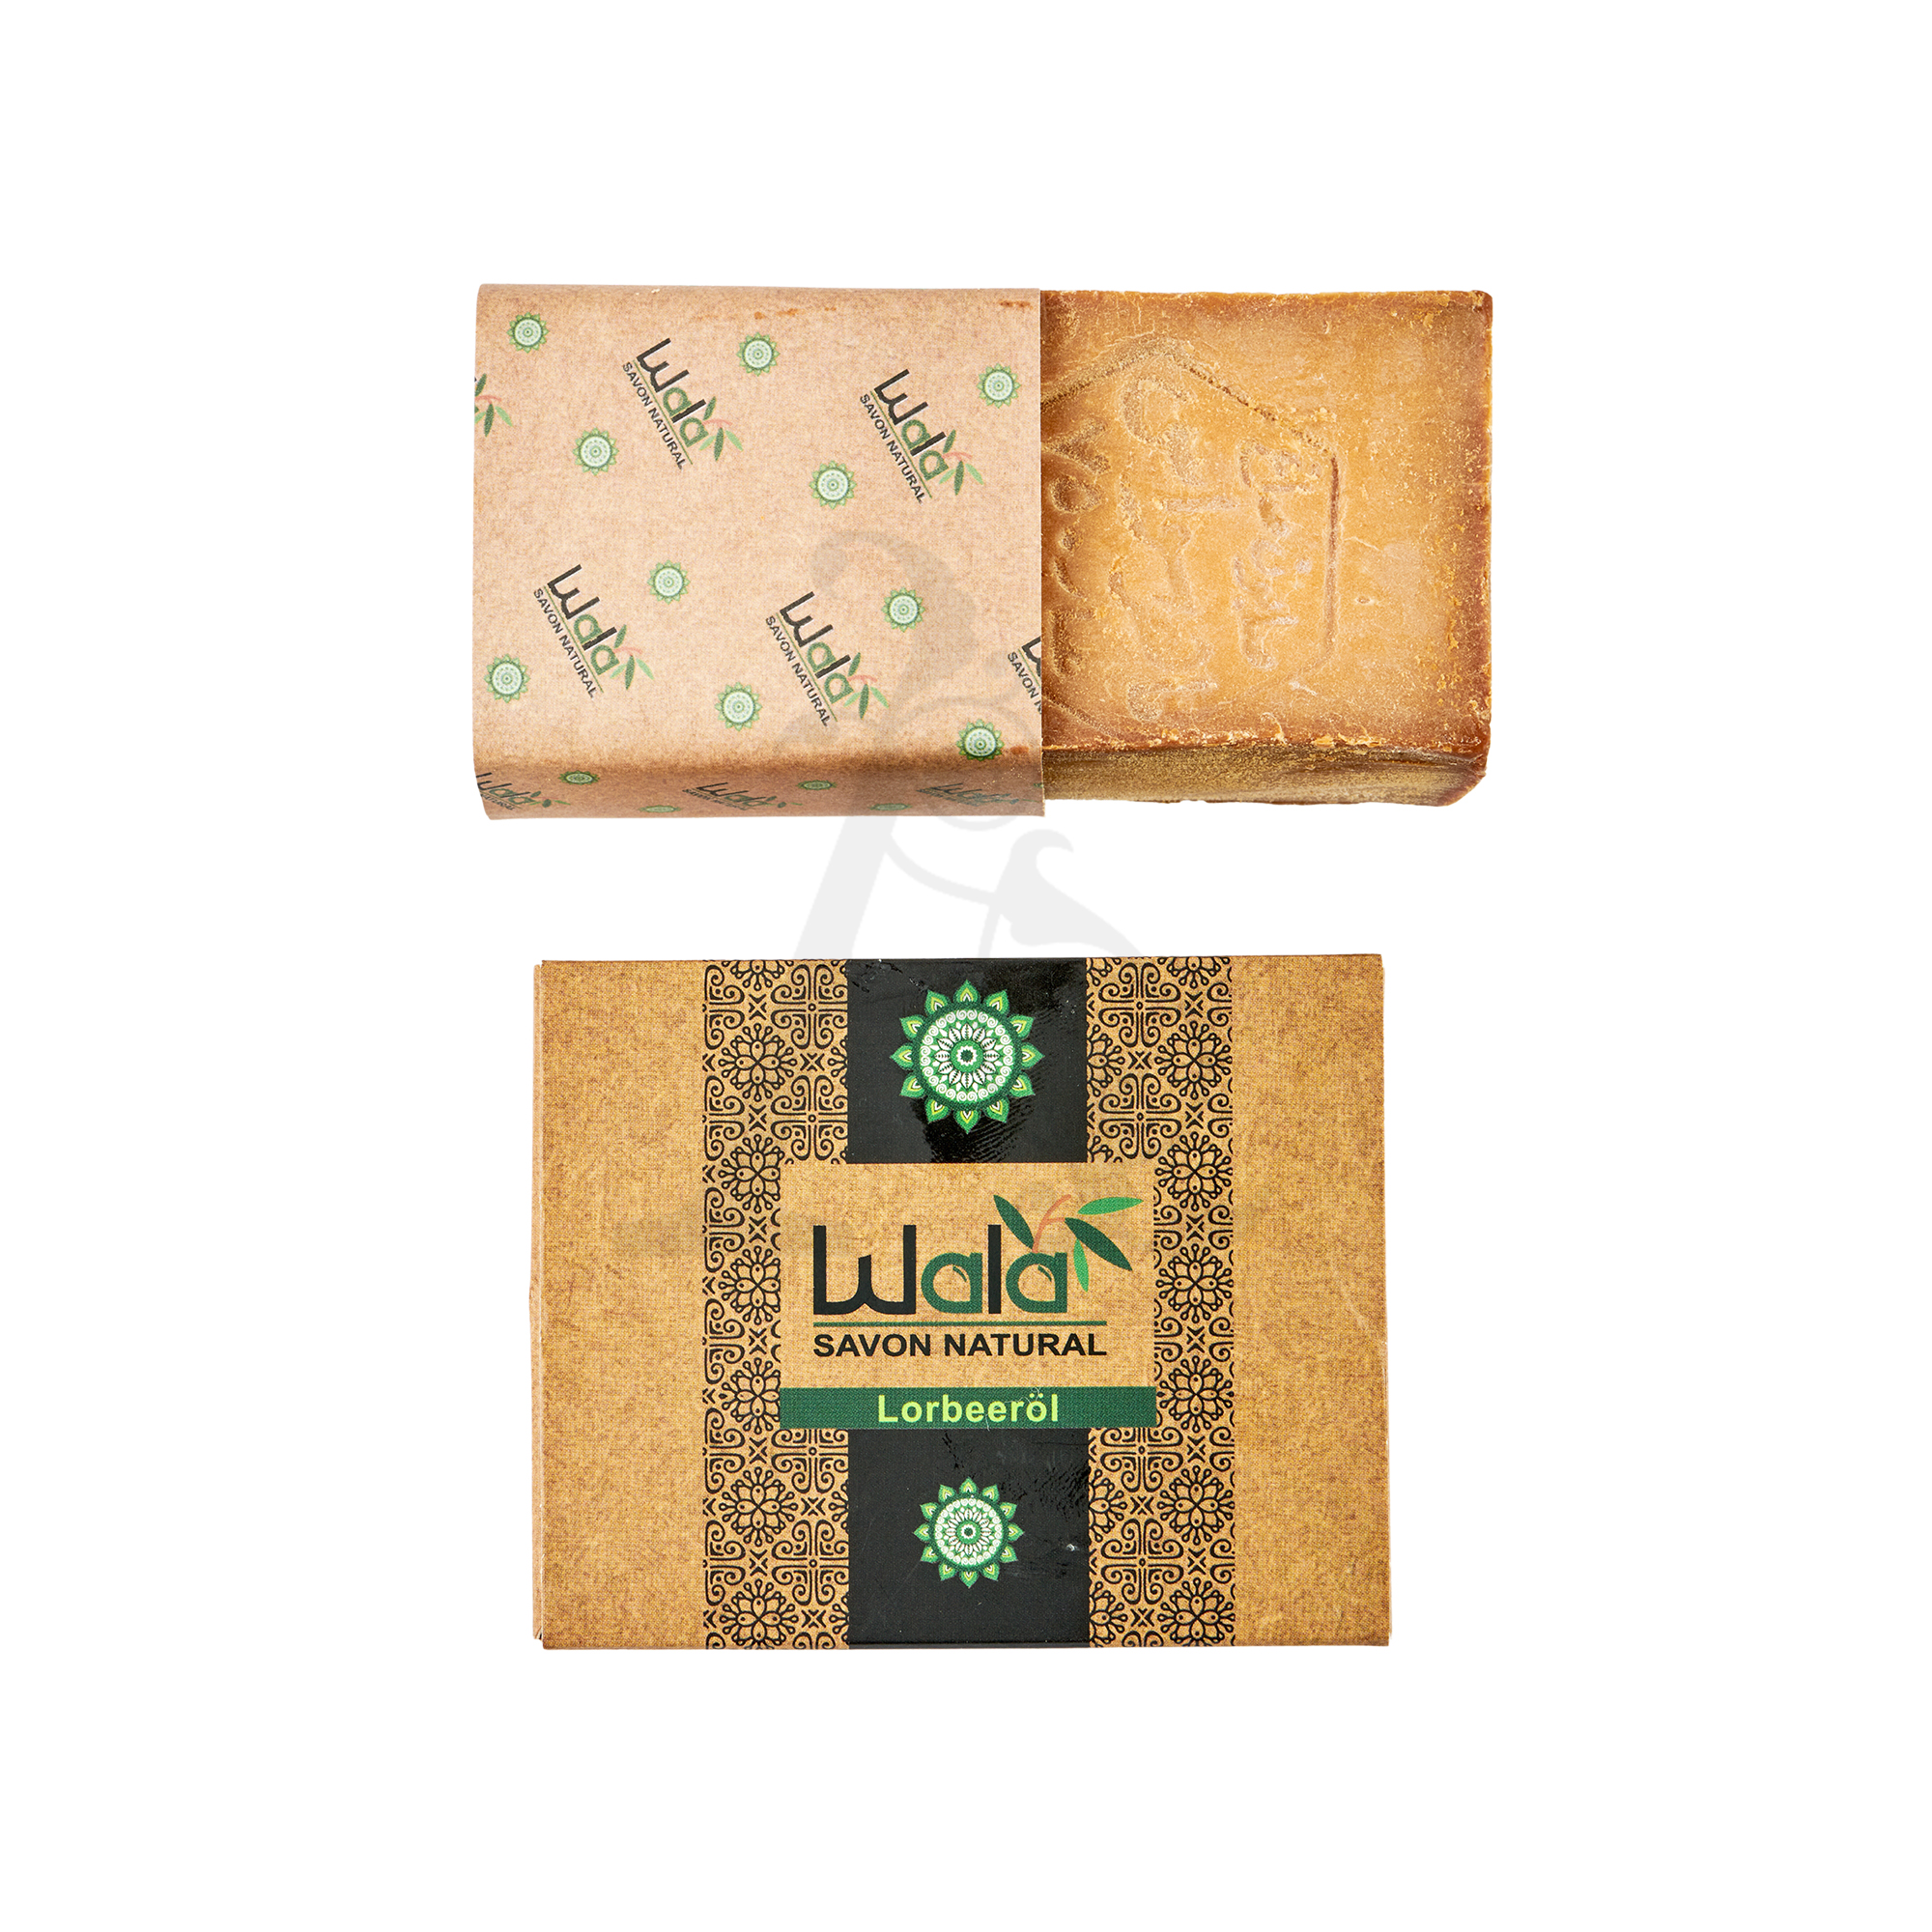 Buy Wala Natural Soap Set - Brown